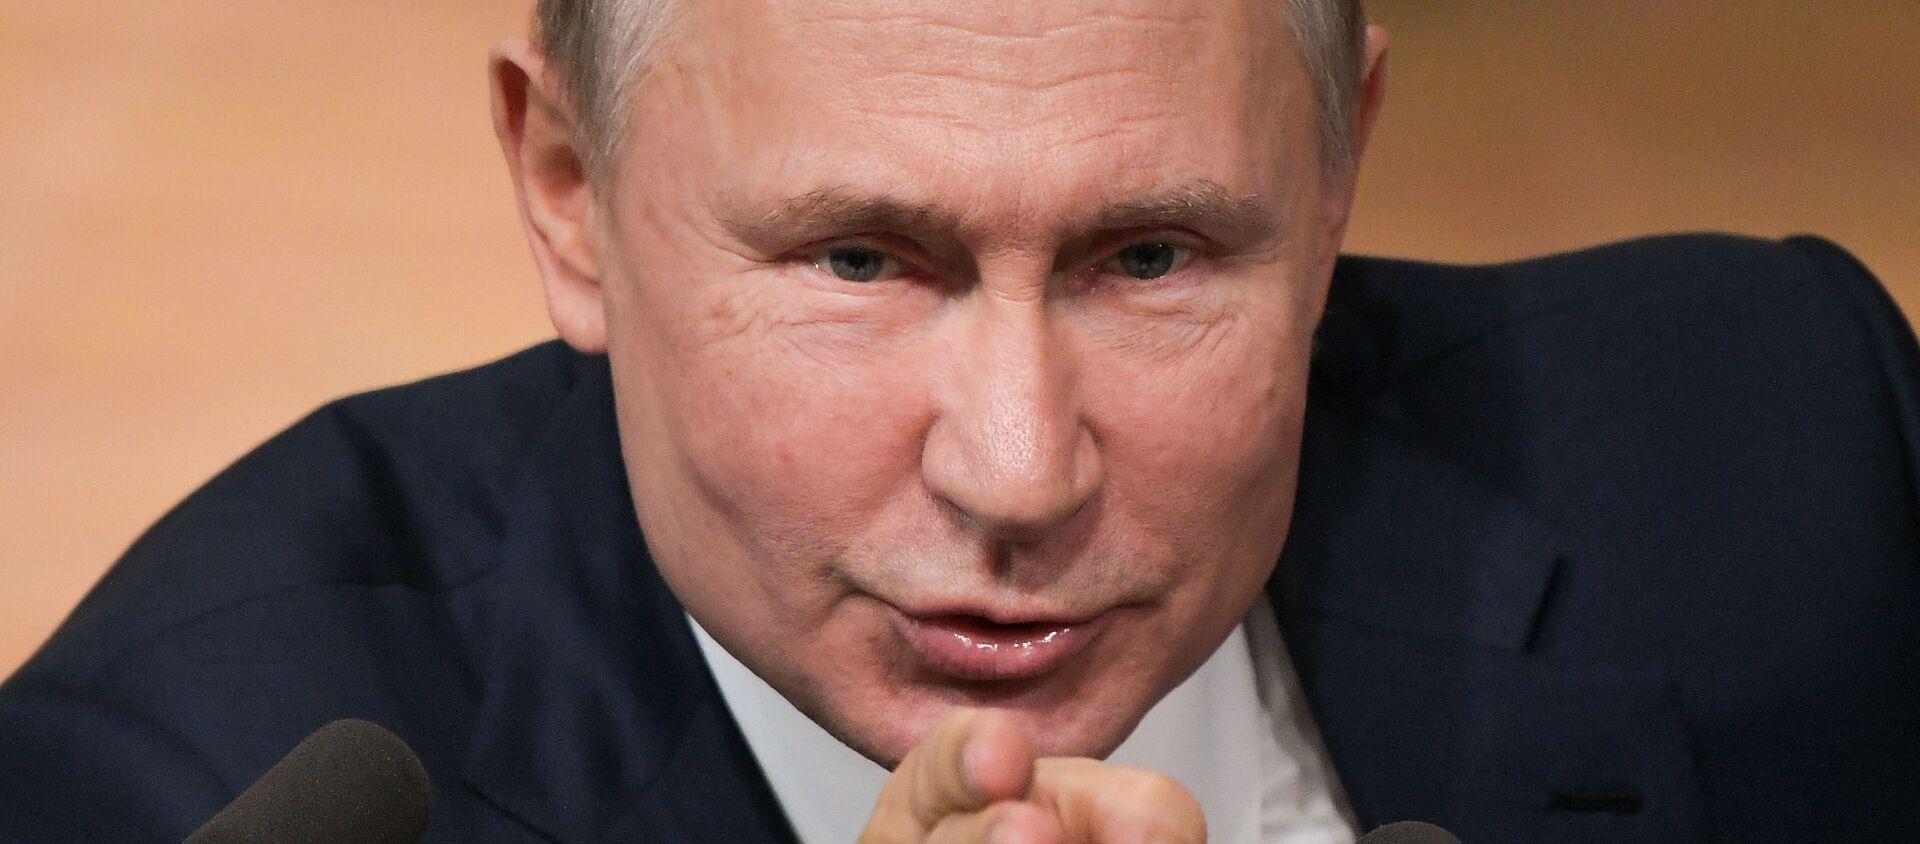 Phát sóng cuộc họp báo của Tổng thống Liên bang Nga V. Putin - Sputnik Việt Nam, 1920, 19.12.2019